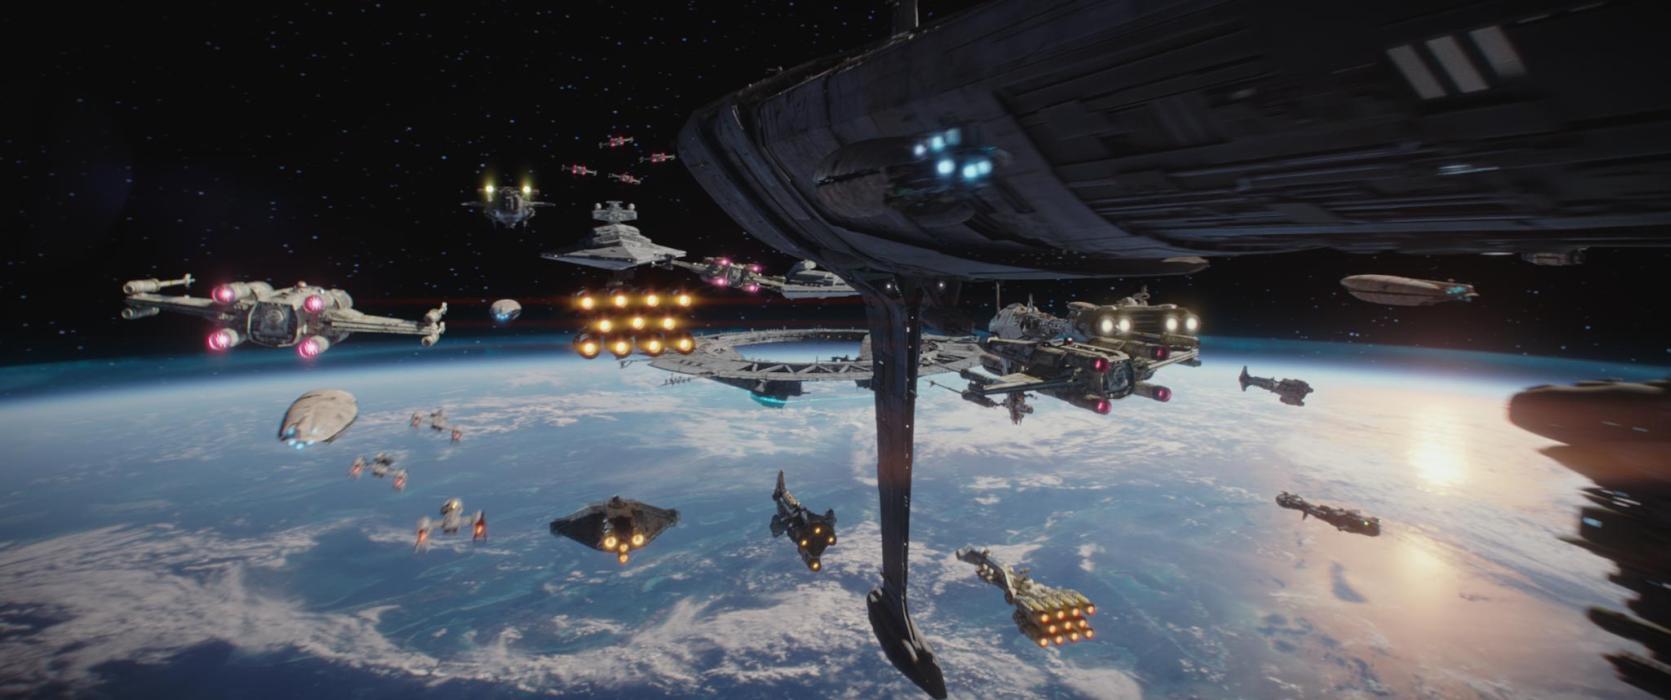 Star Wars batle of Scarif